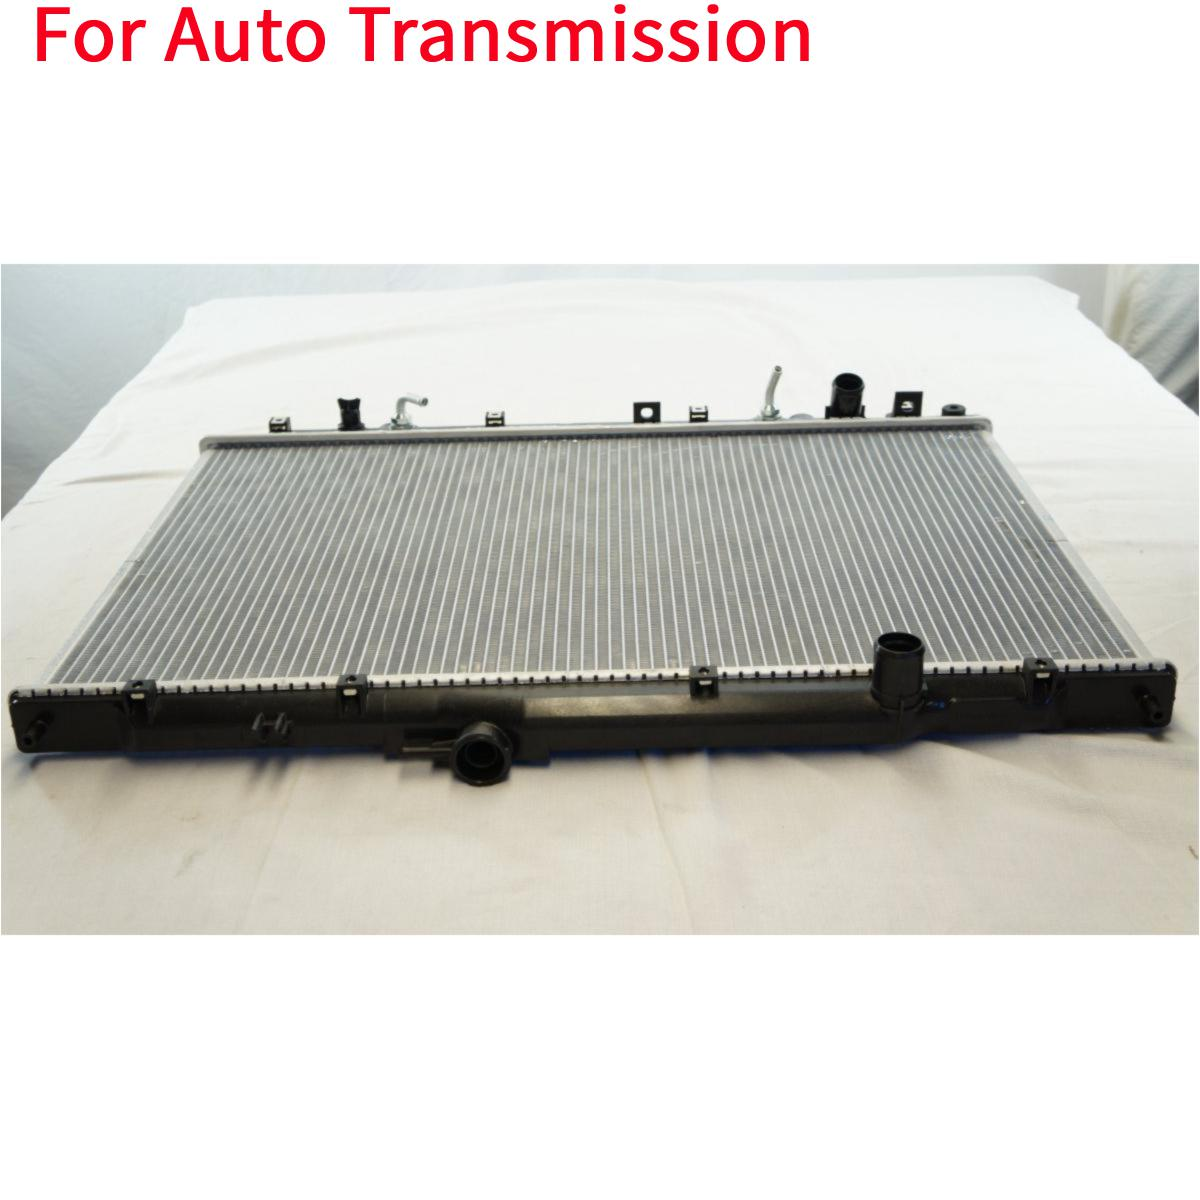 AT Aluminum Core Radiator For 2003-06 Acura MDX 3.5L 2005